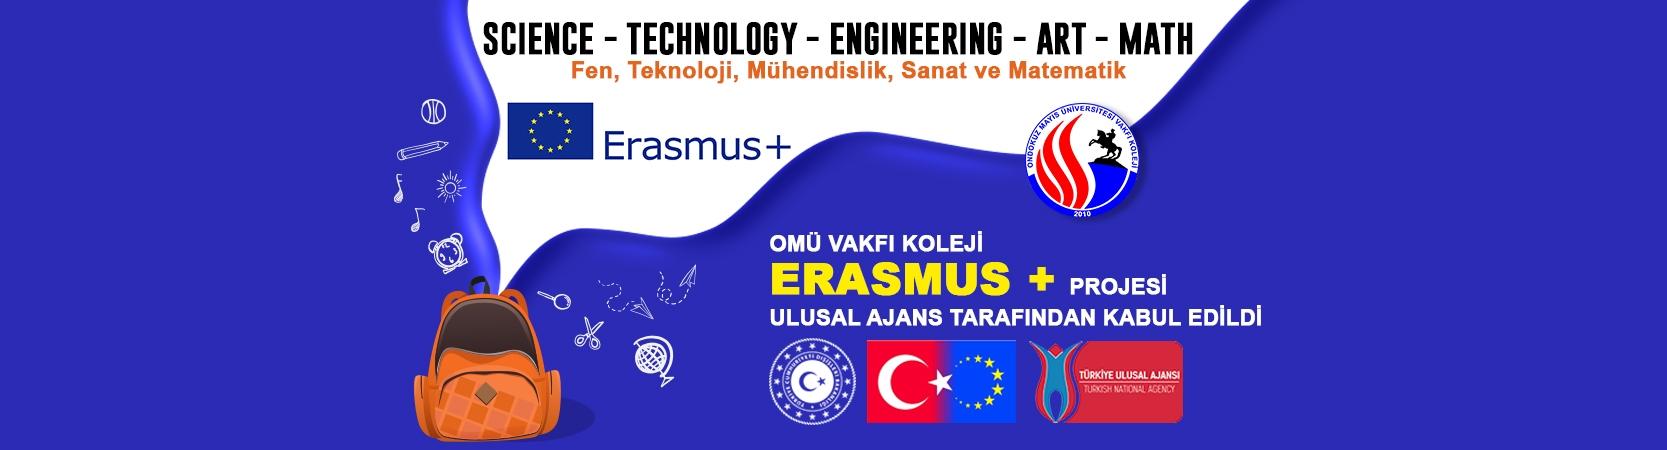 OMÜ Vakfı Koleji'nin STEM Projesi Ulusal Ajans Tarafından Kabul Edildi